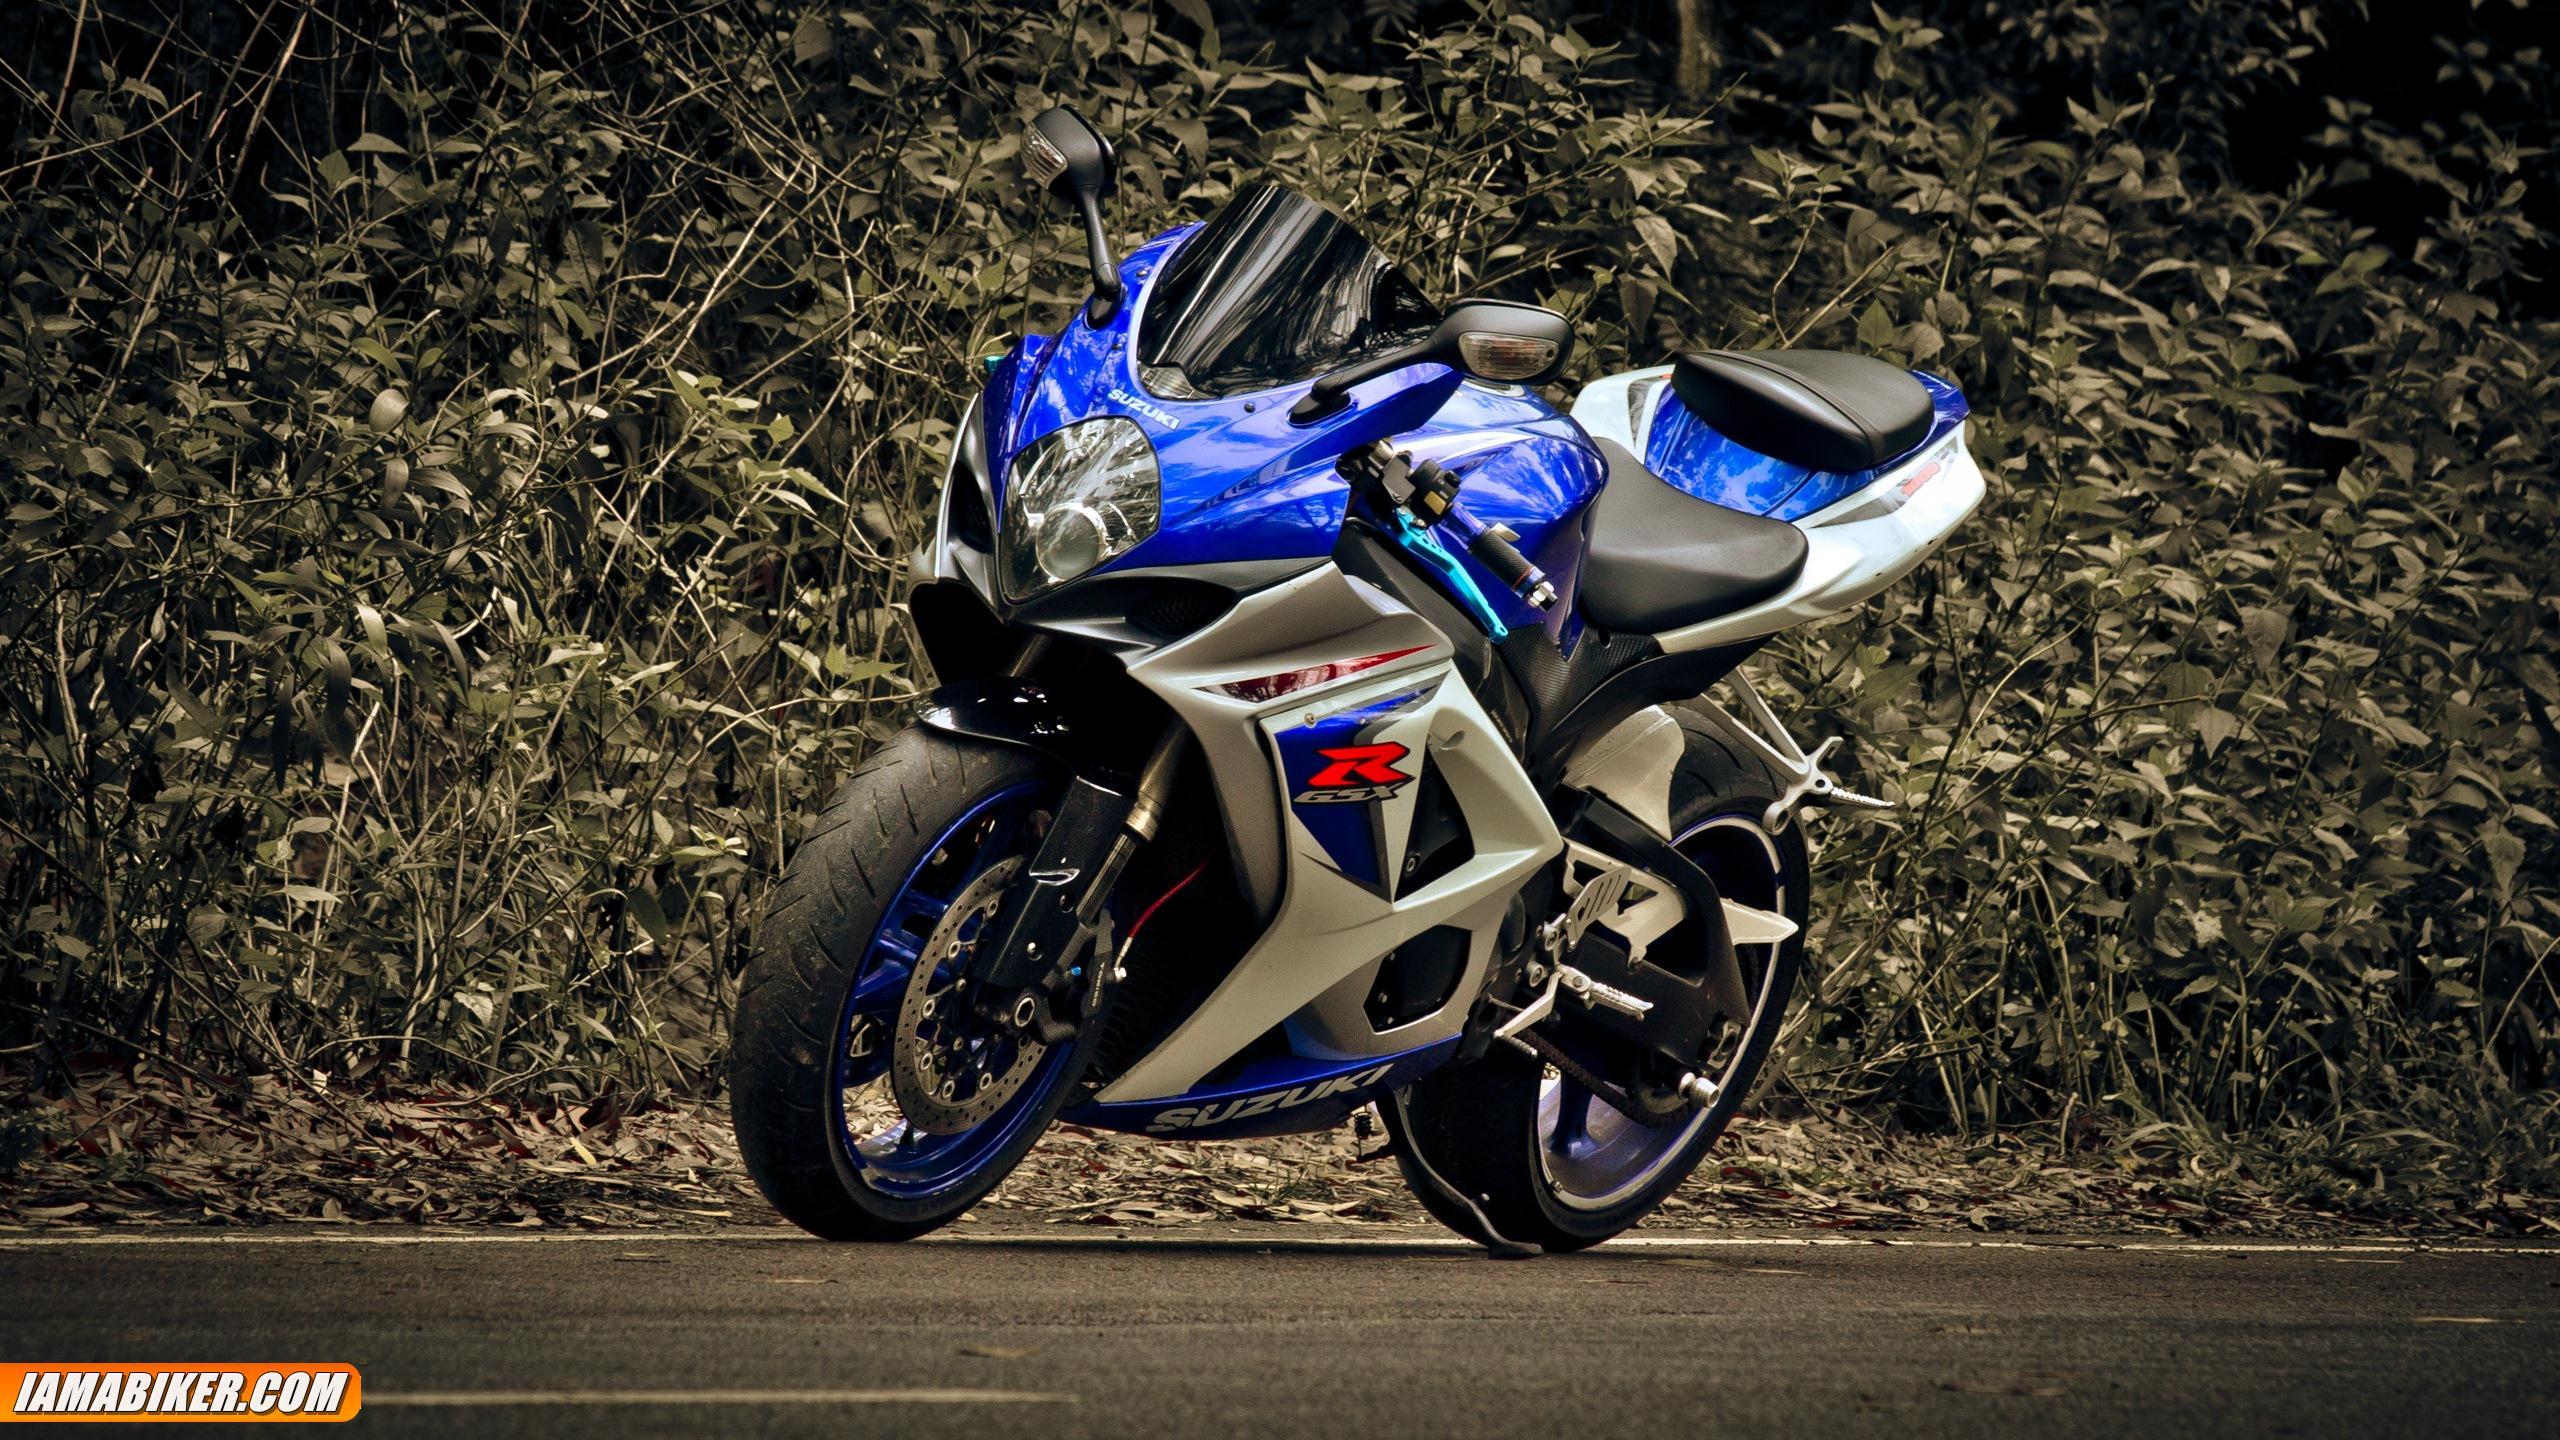 Suzuki Gsxr 600 Wallpaper Suzuki gsx r 600 gsx r 1000 2560x1440